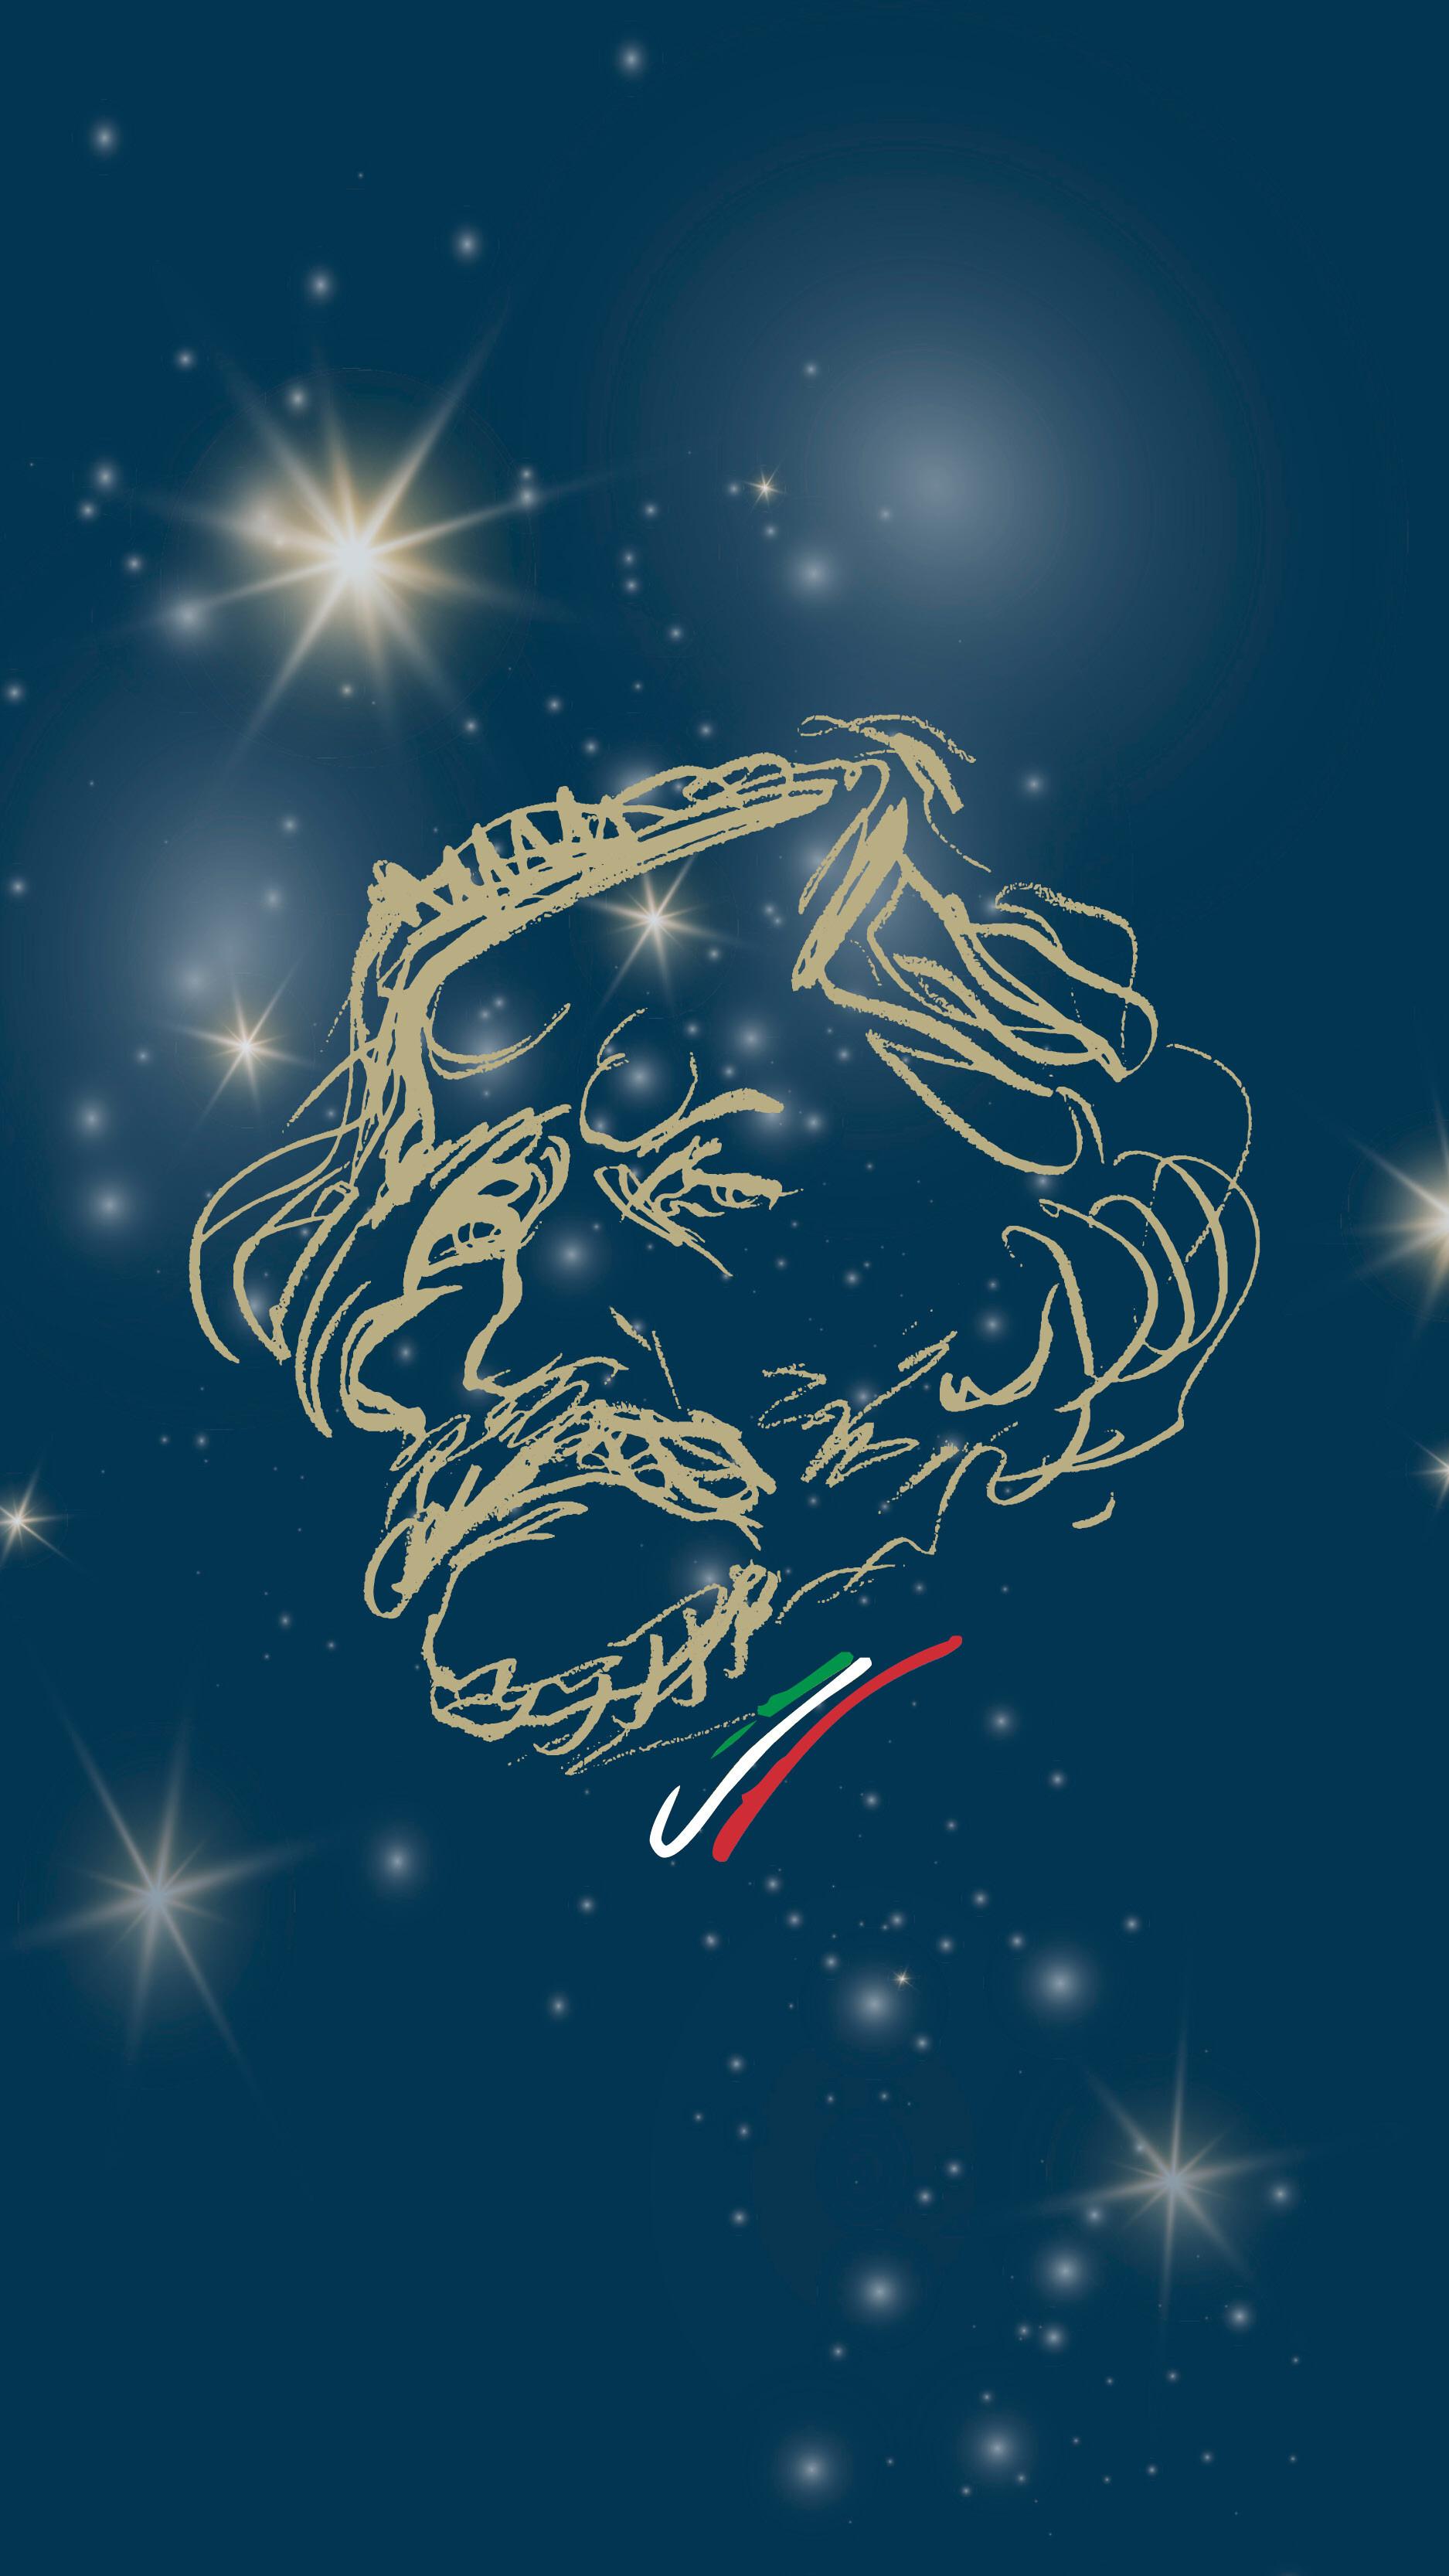 Modalità di rimborso per la Messa da Requiem in programma al XX Festival Verdi il 20 settembre cancellata a causa del maltempo